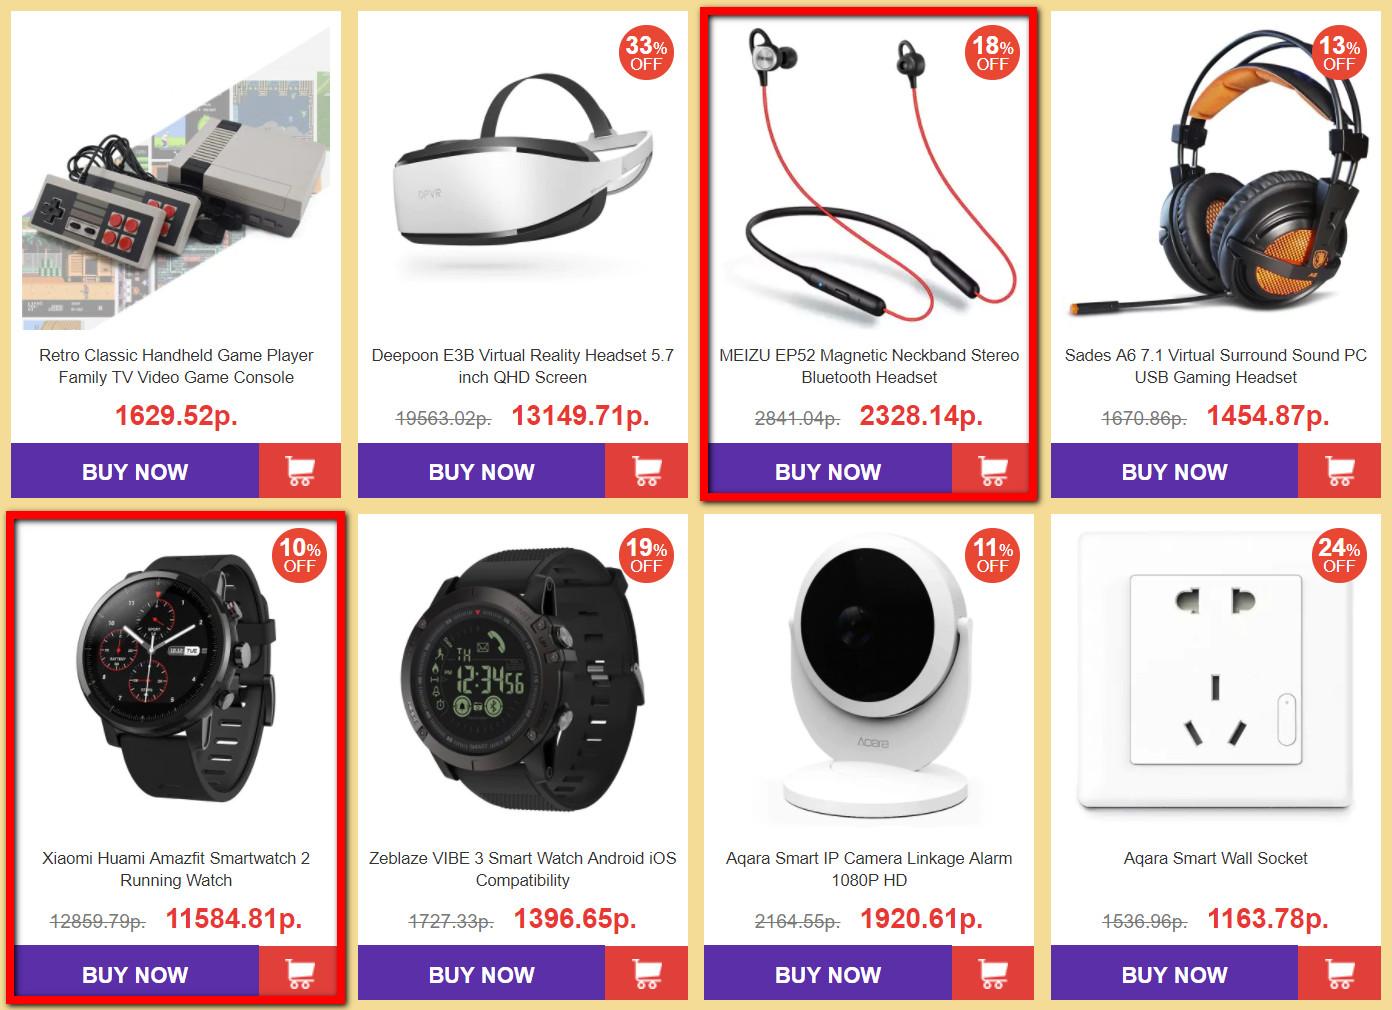 Гарнитура Meizu и смарт-часы Xiaomi